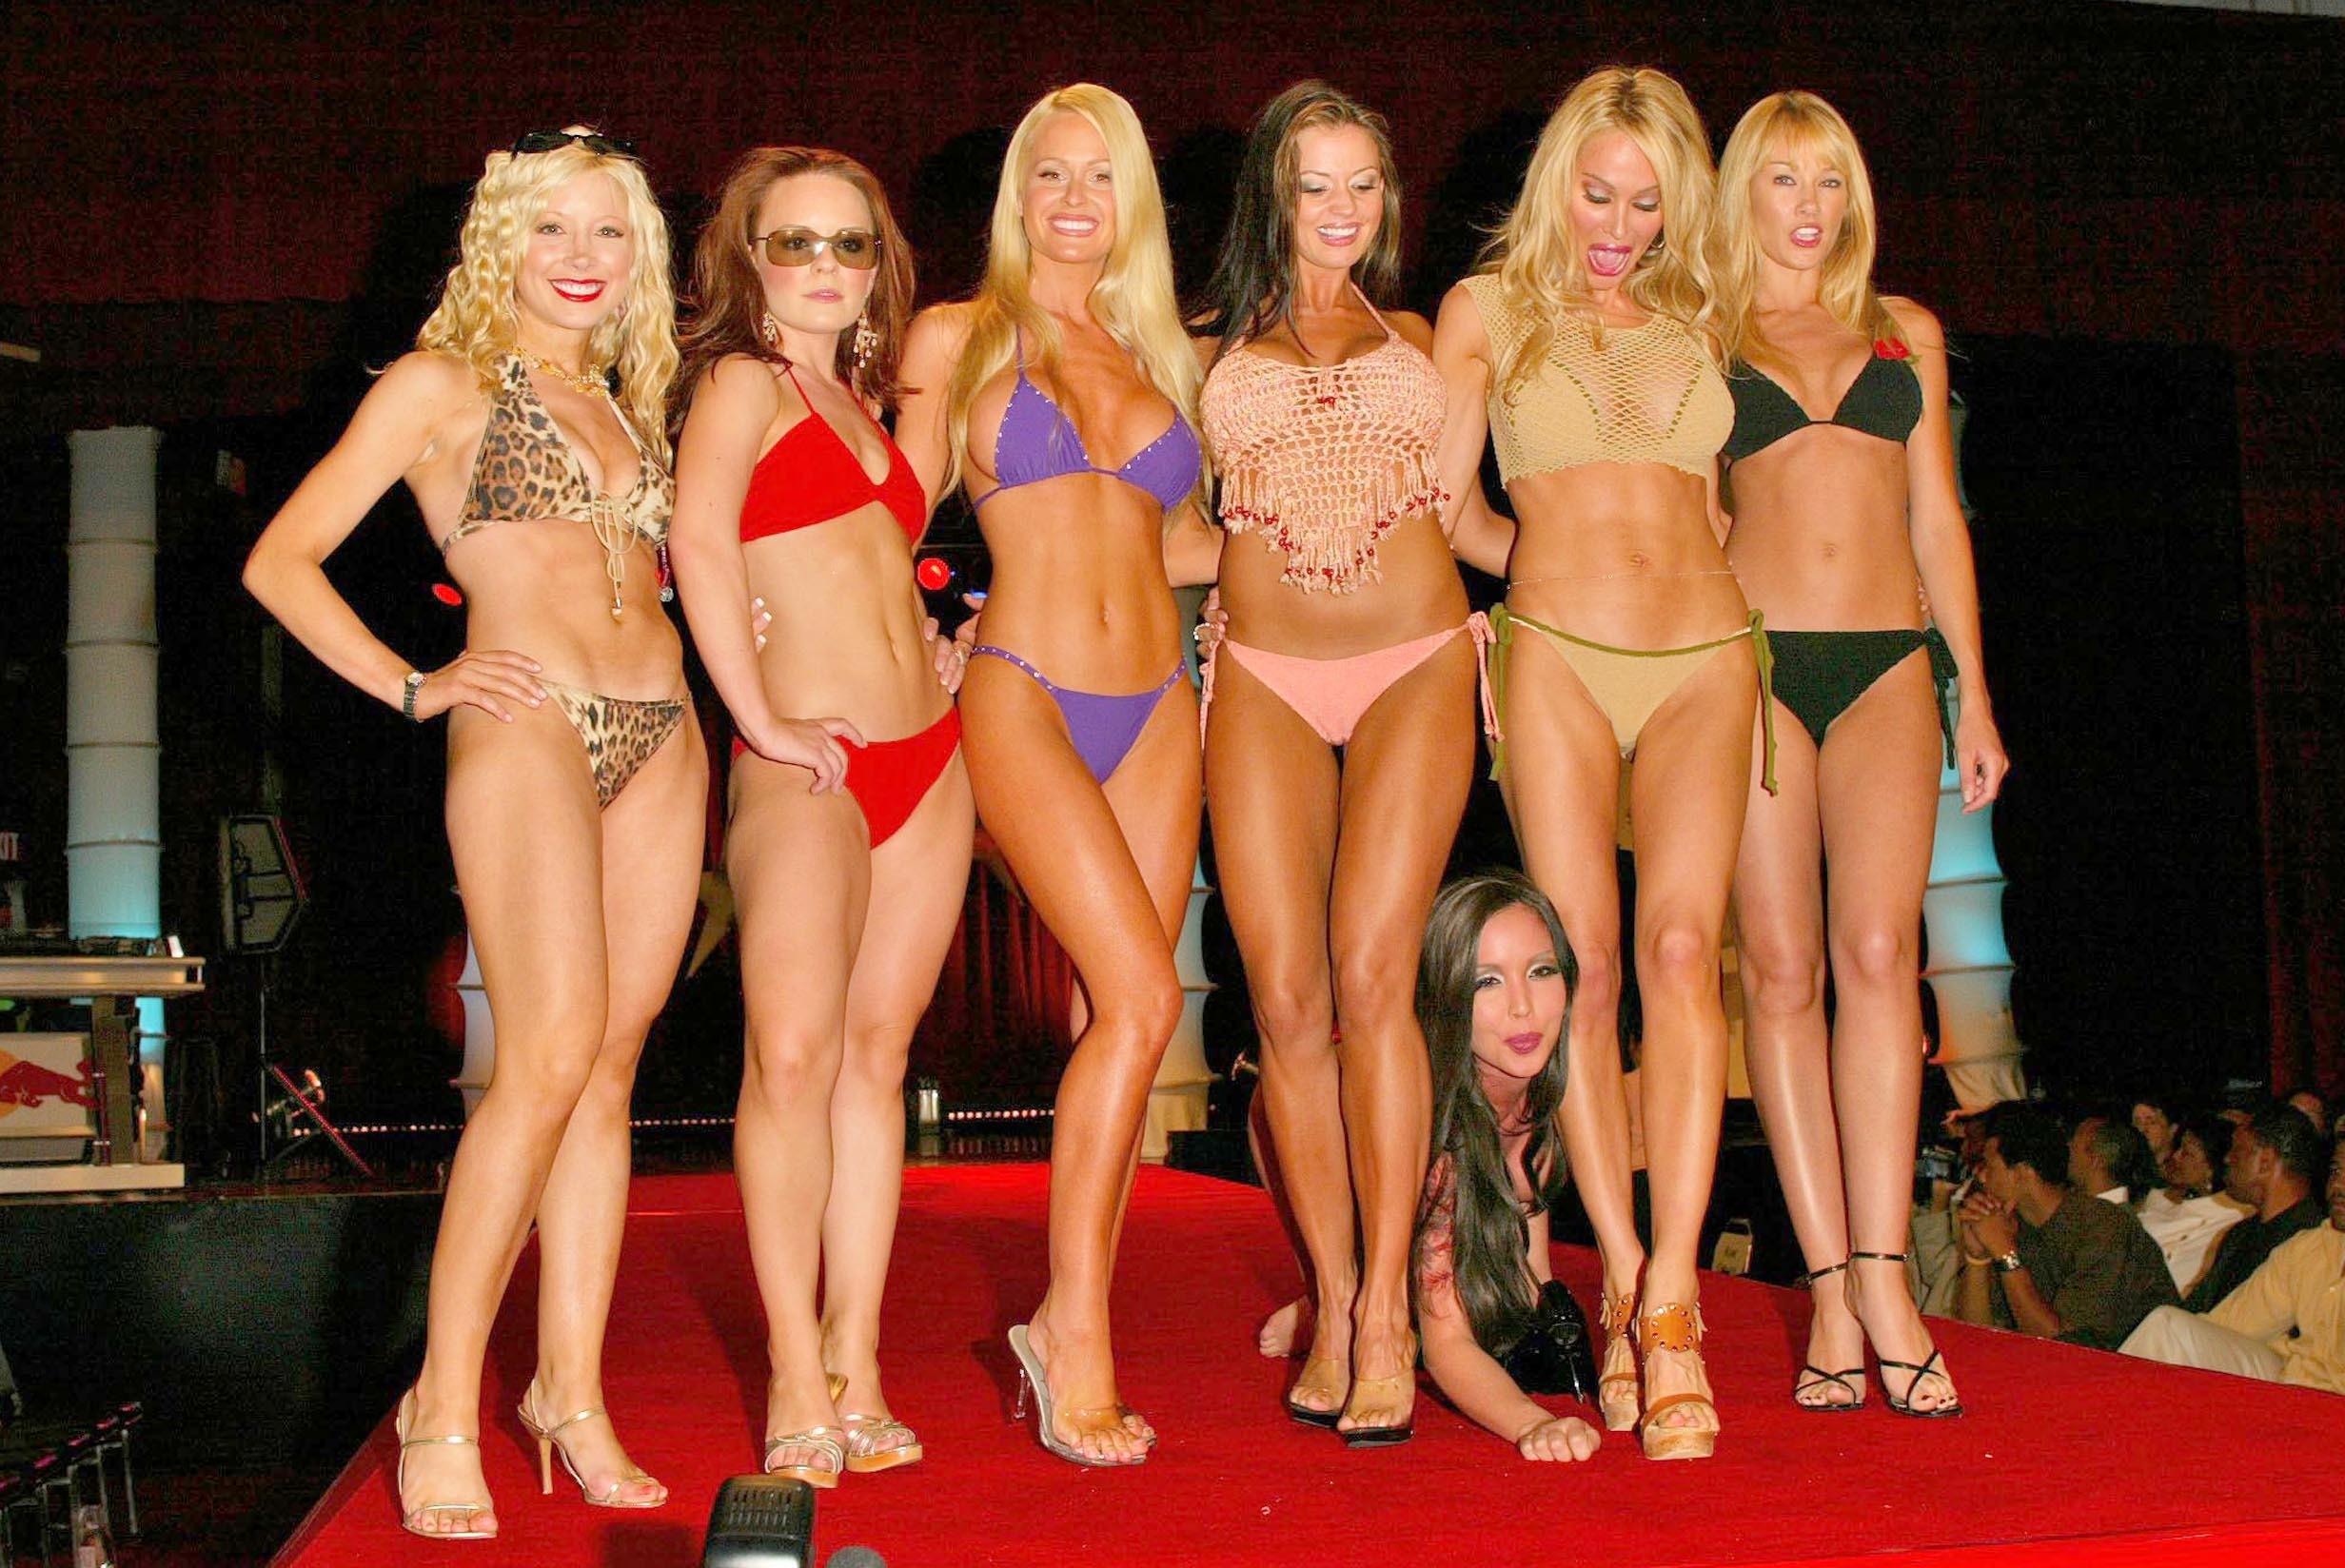 Consider, Jenna von oy bikini apologise